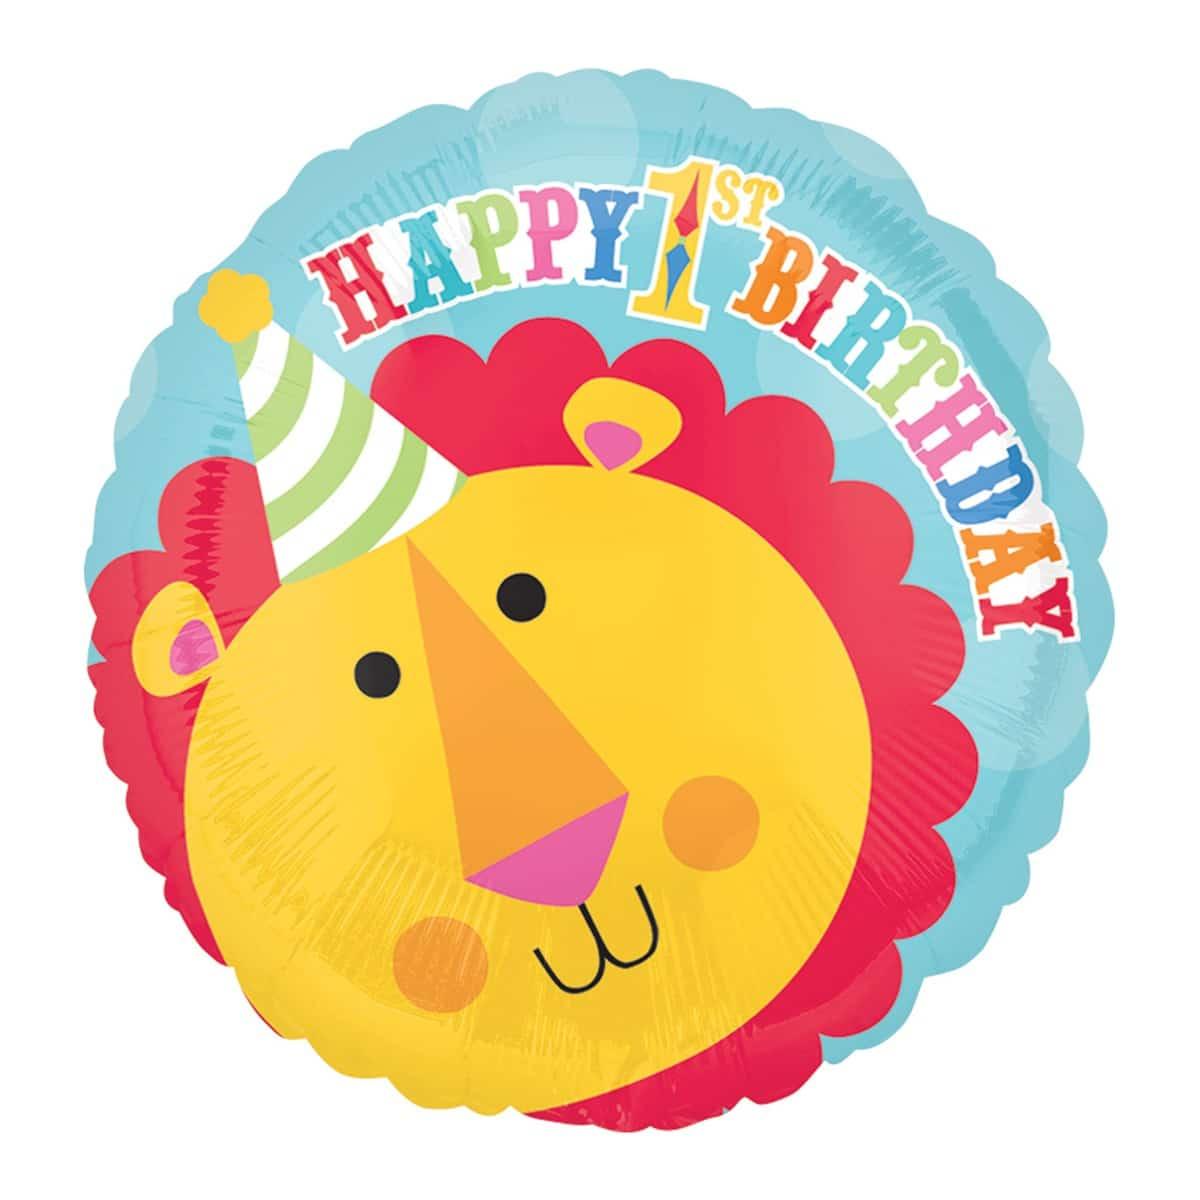 HAPPY 1 ST BIRTHDAY LEON